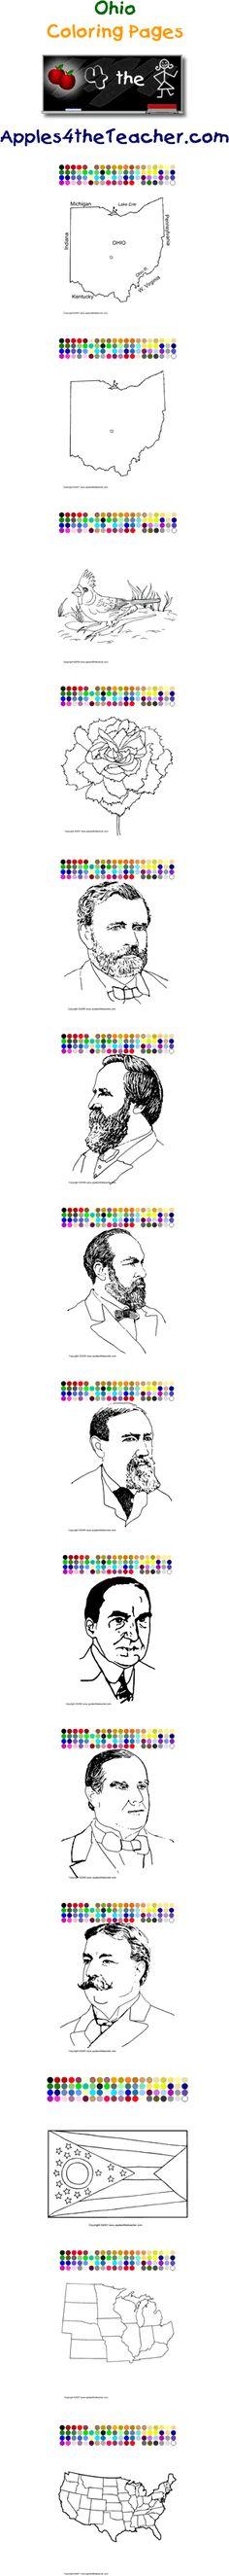 Famous Apples4theteacher Com Coloring Pages Elaboration - Coloring ...